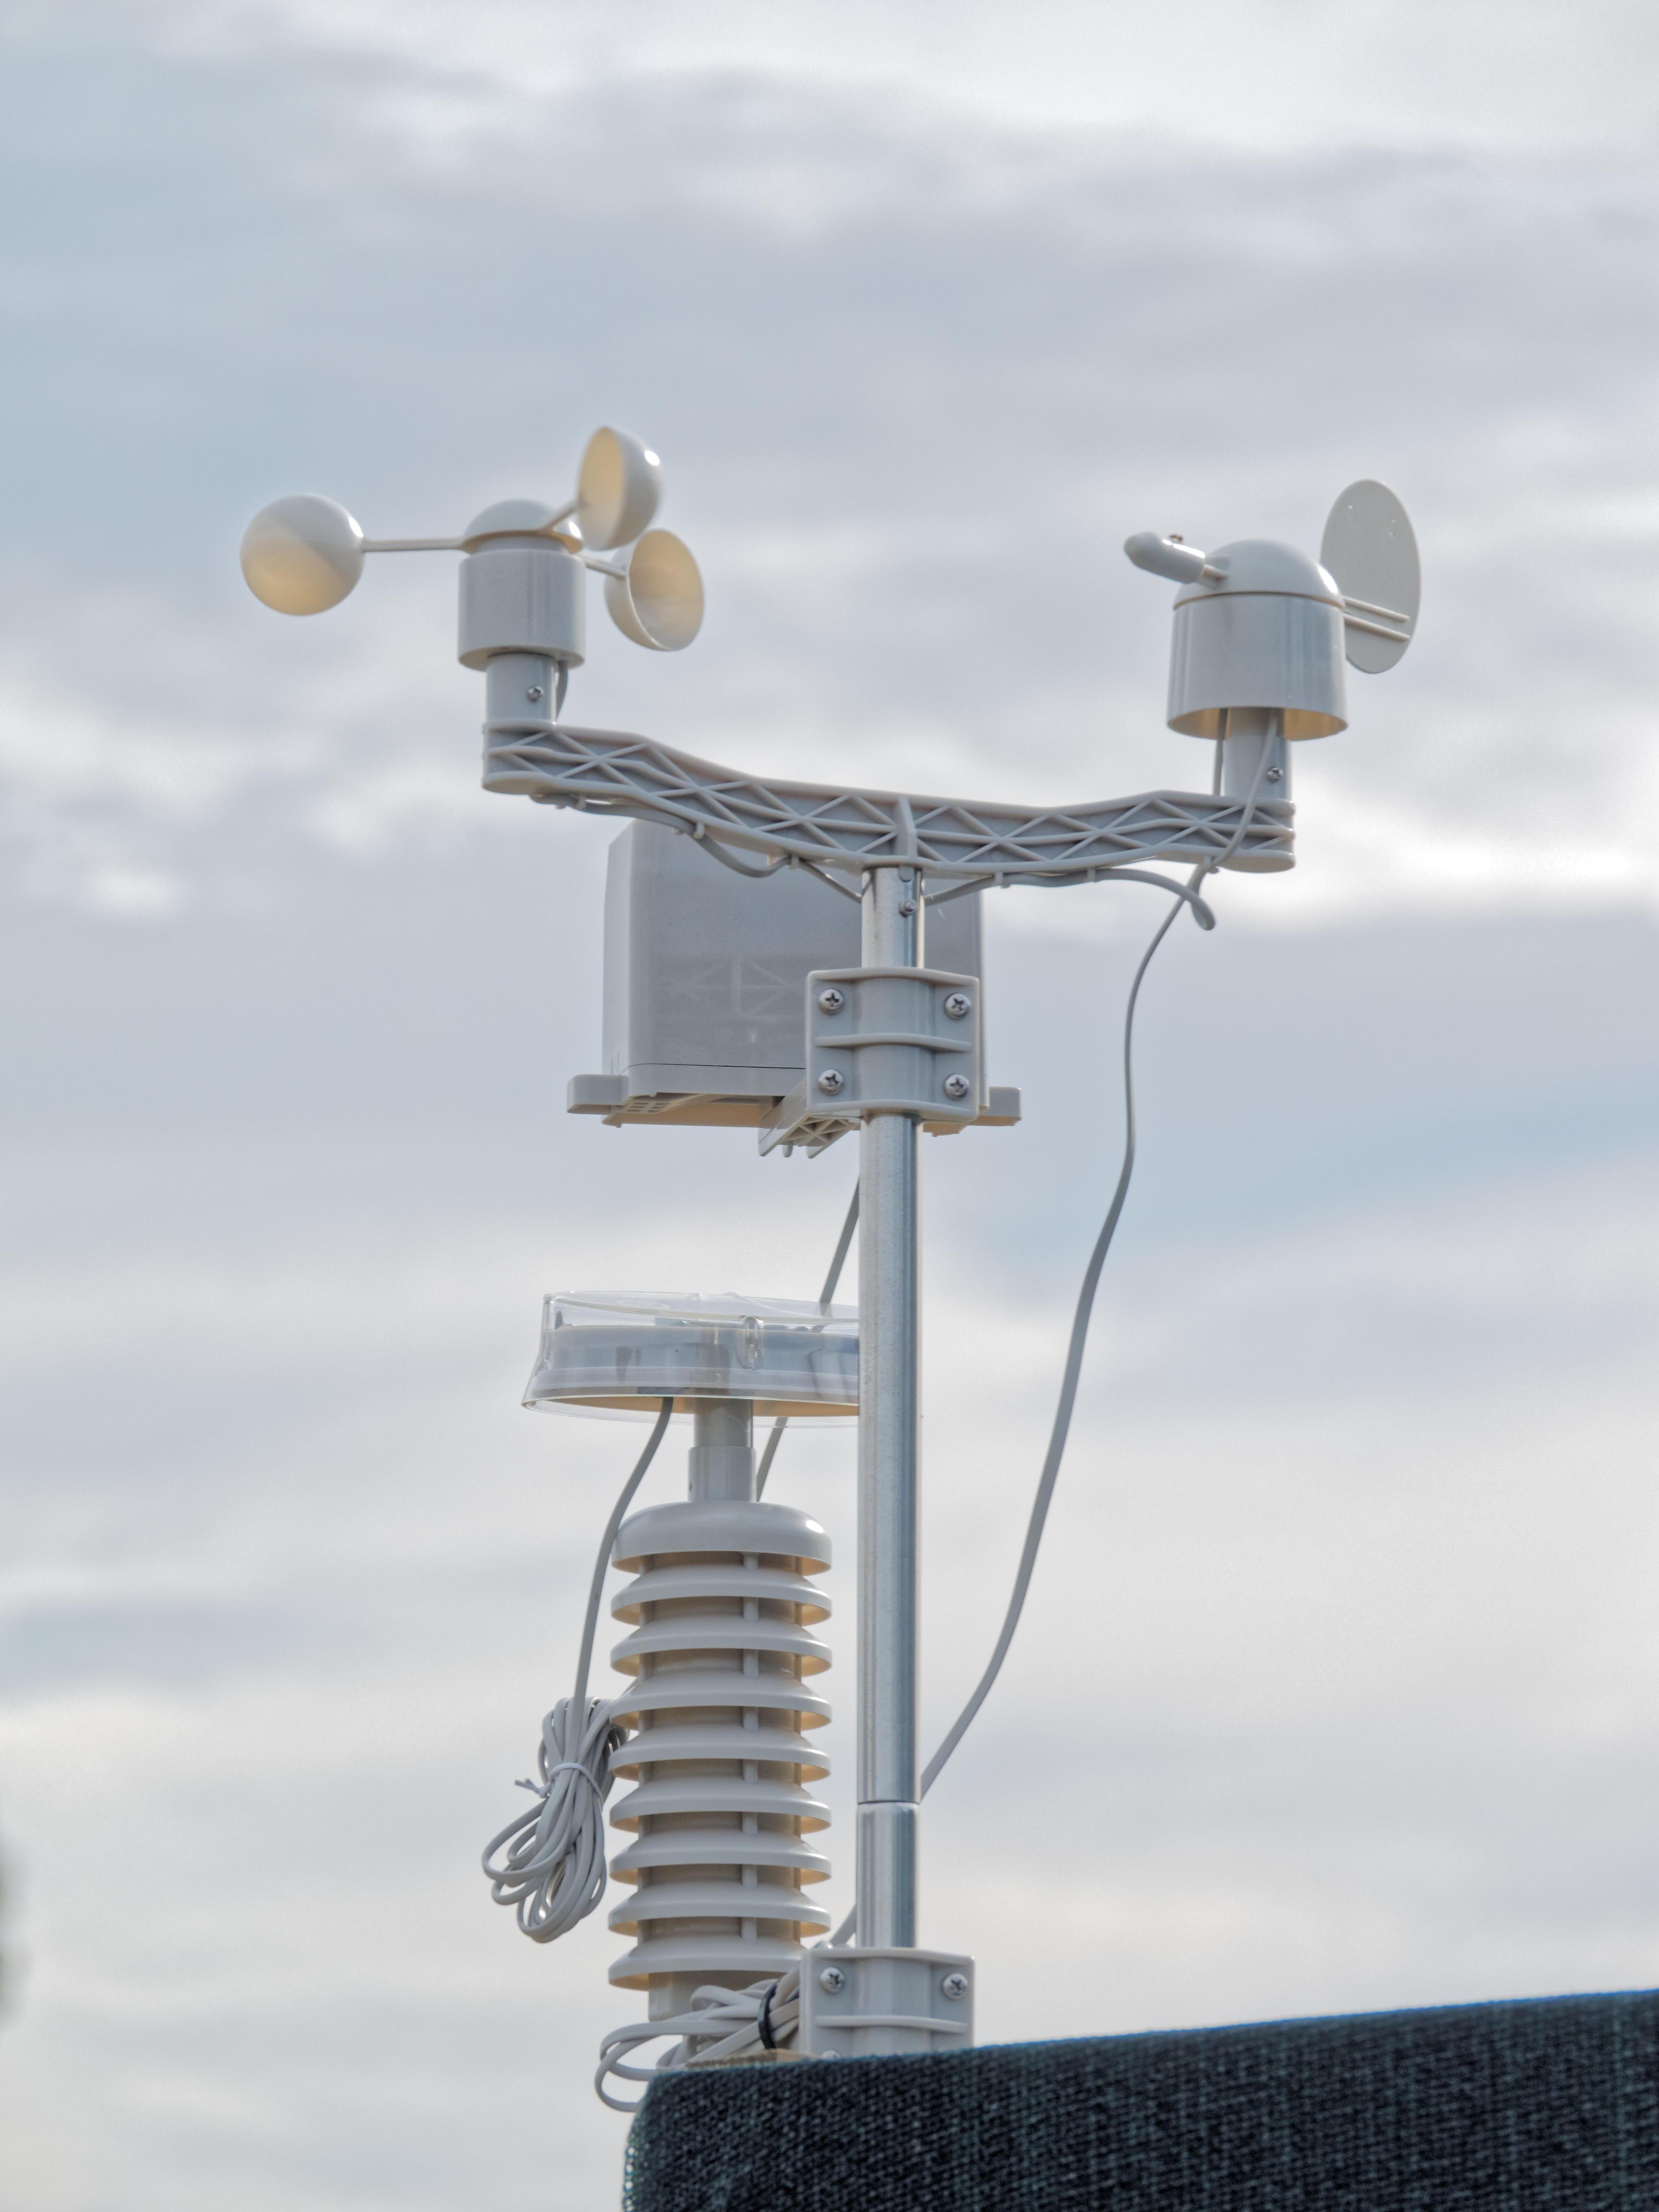 Weather-station-1.jpeg